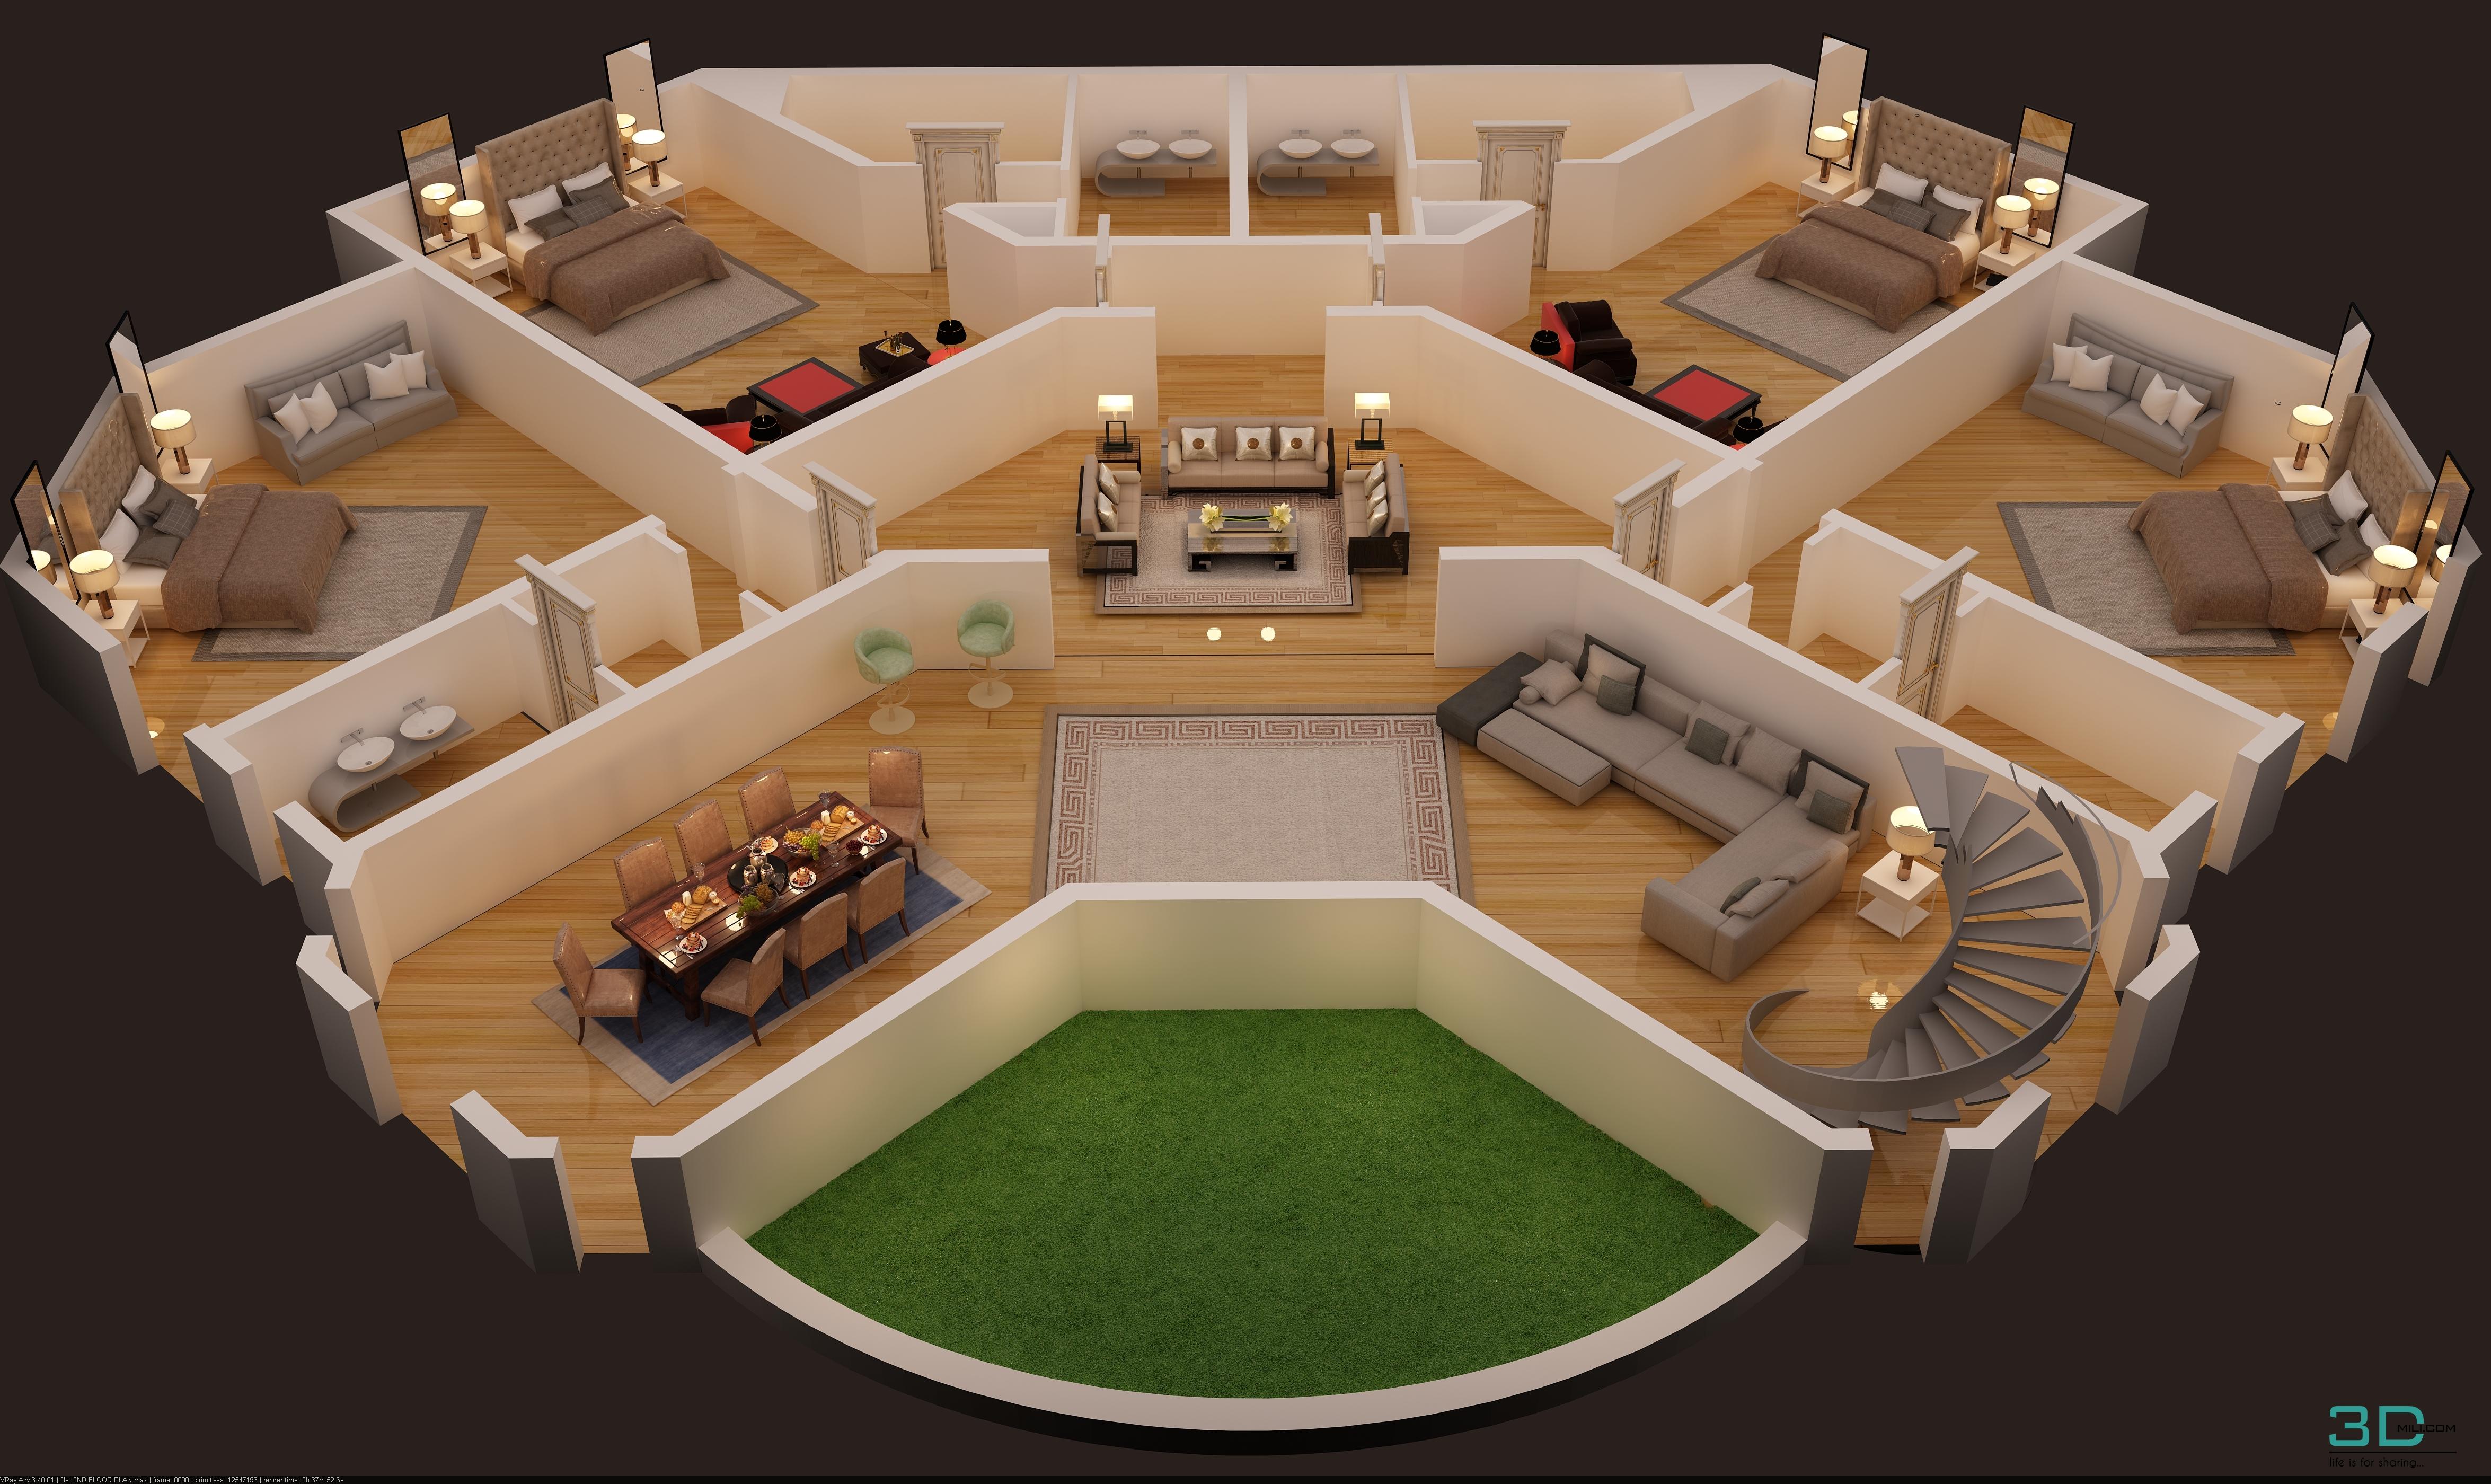 3d Floor Plan Of Luxury Villa Second Floor 3dmili 2021 Download 3d Model Free 3d Models 3d Model Download 3dmili 2021 Download 3d Model Free 3d Models 3d Model Download